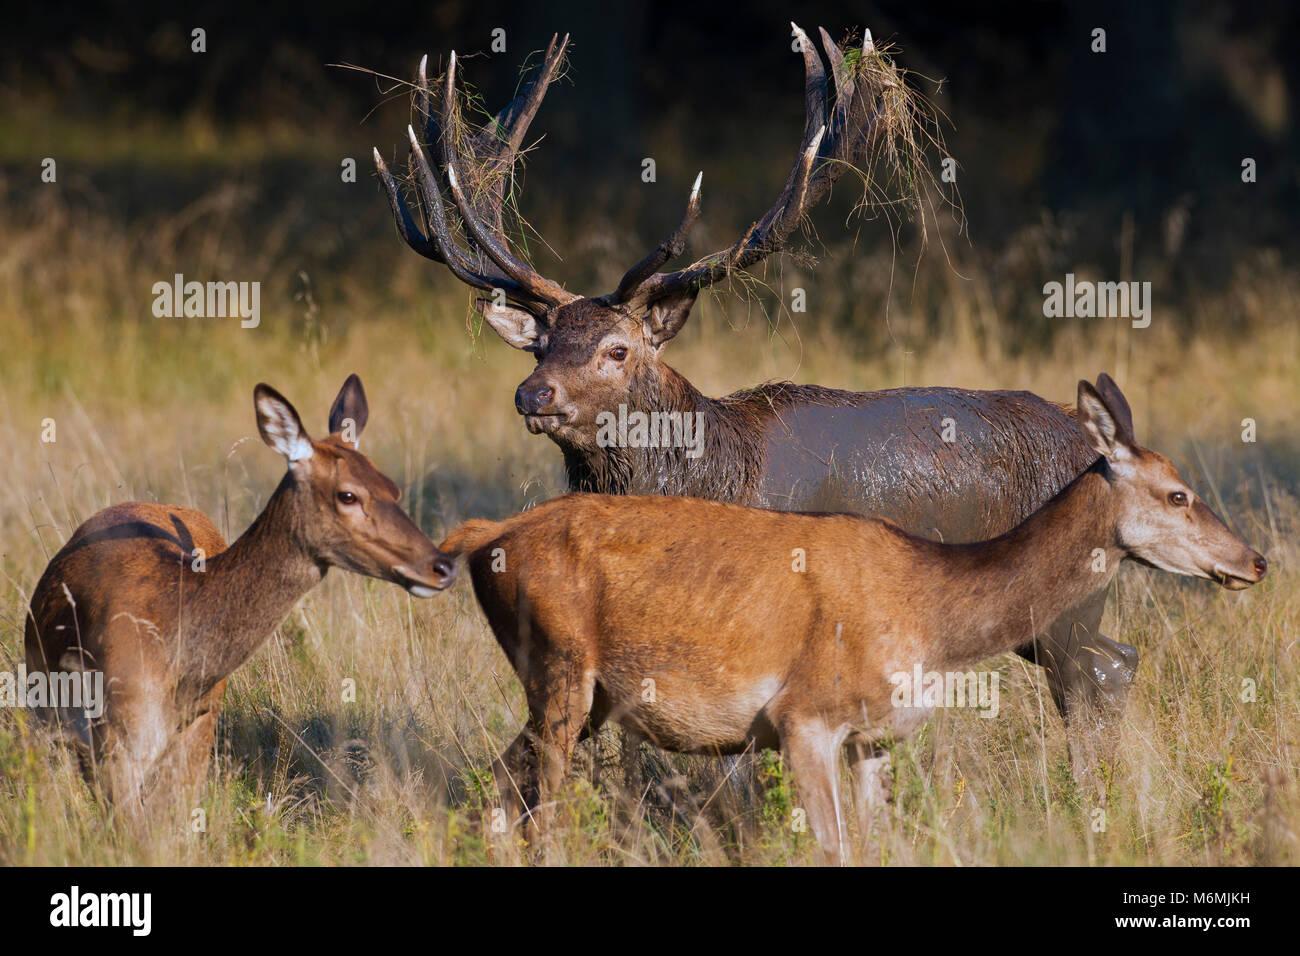 Red Deer (Cervus elaphus) cerf et biches avec bois recouvert de boue et de végétation au cours du rut Photo Stock